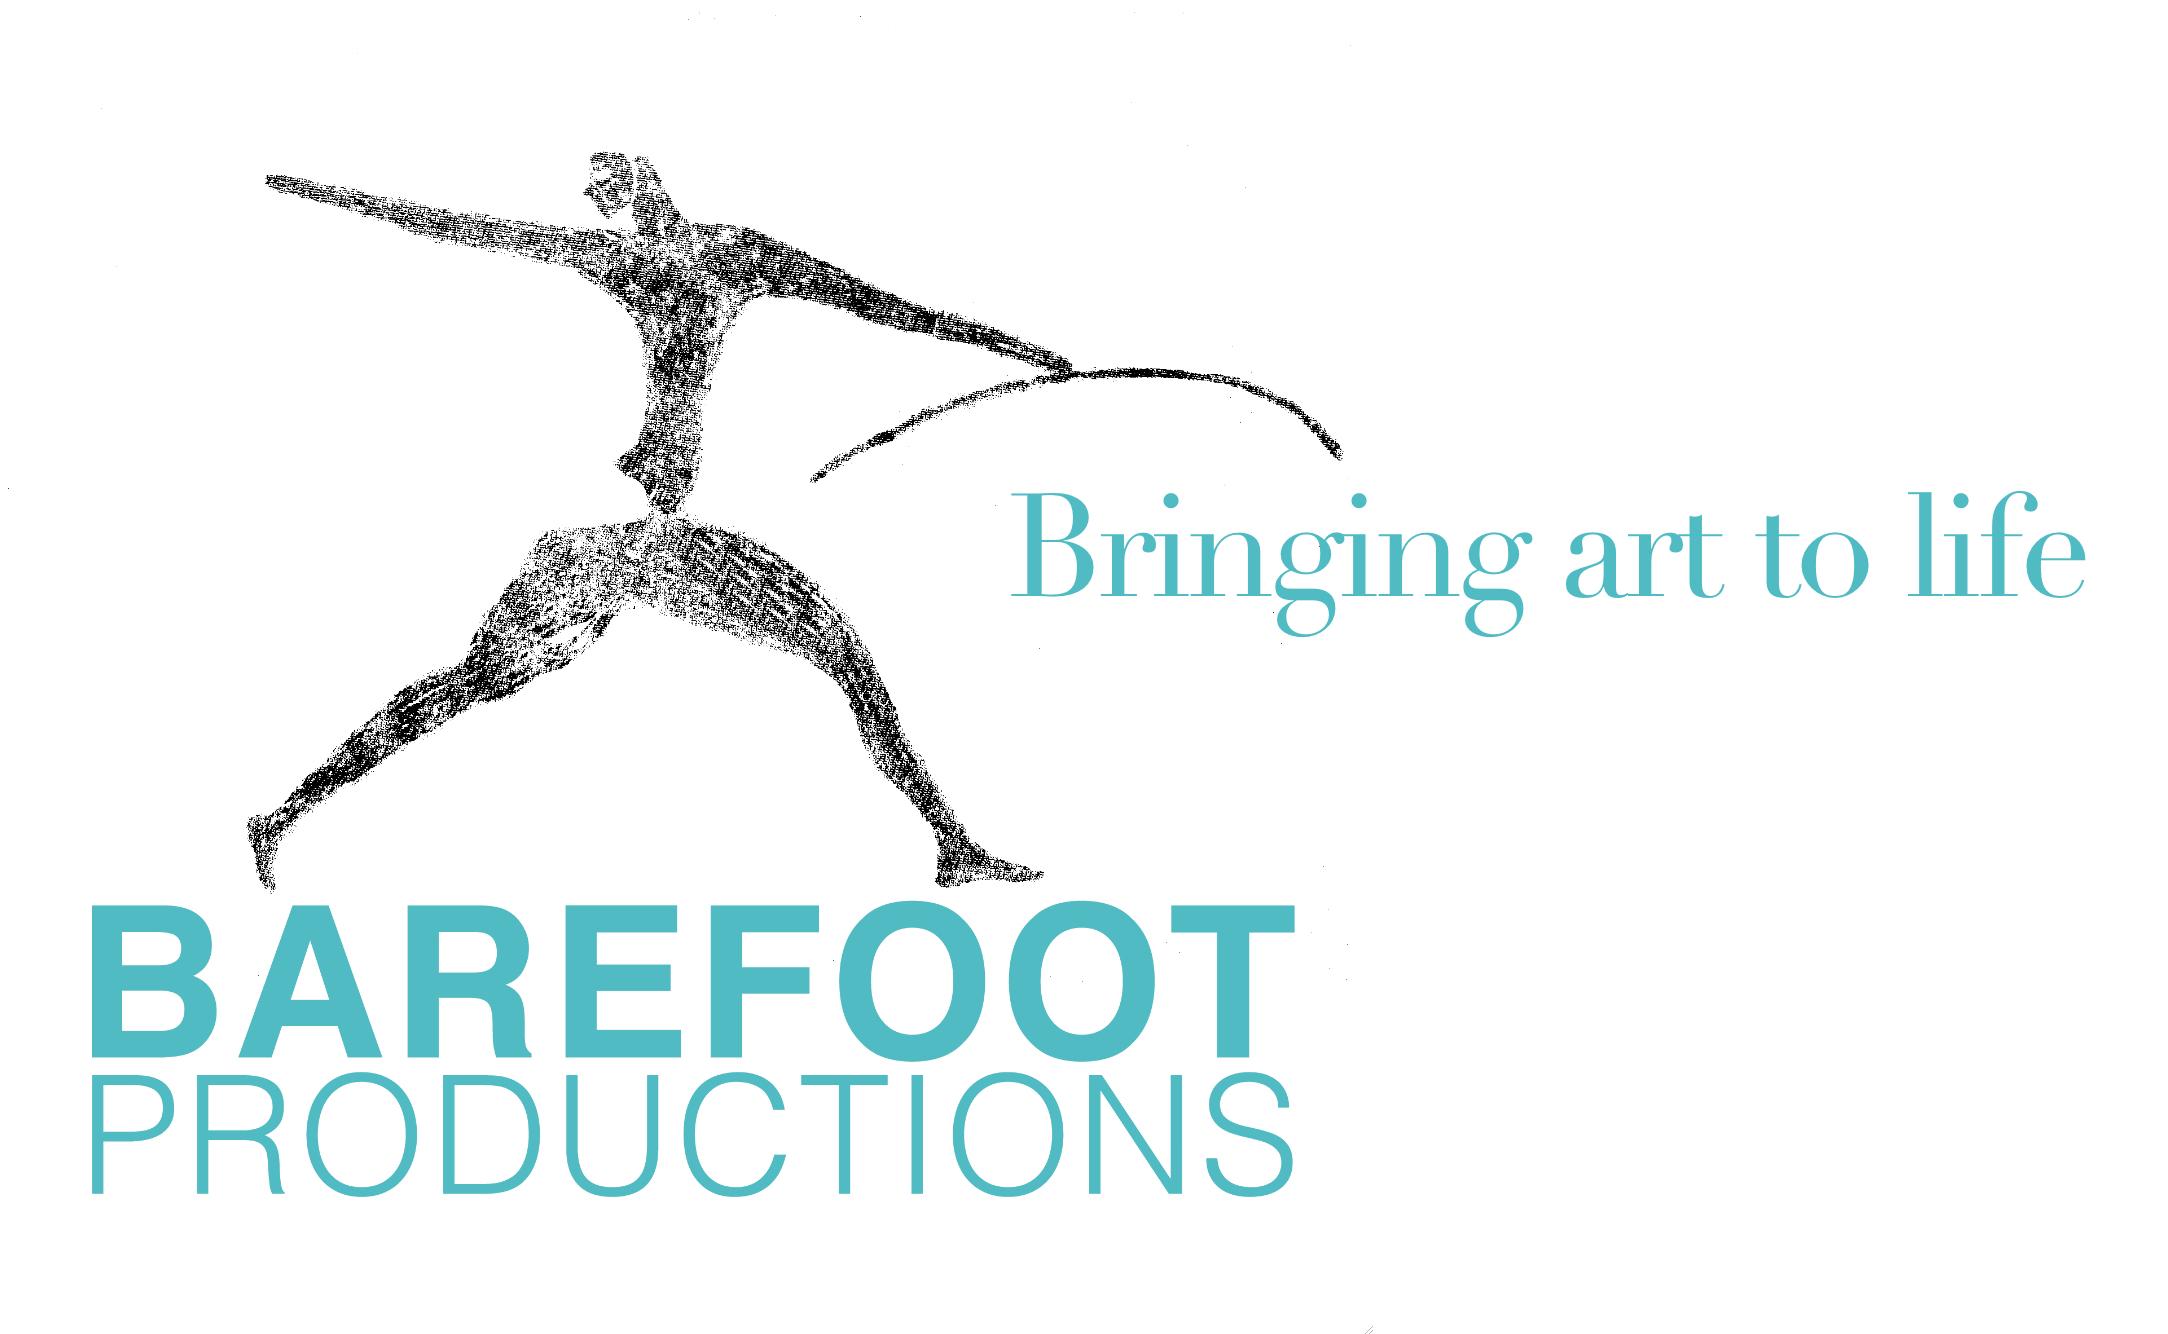 barefoot_bringingArtToLife